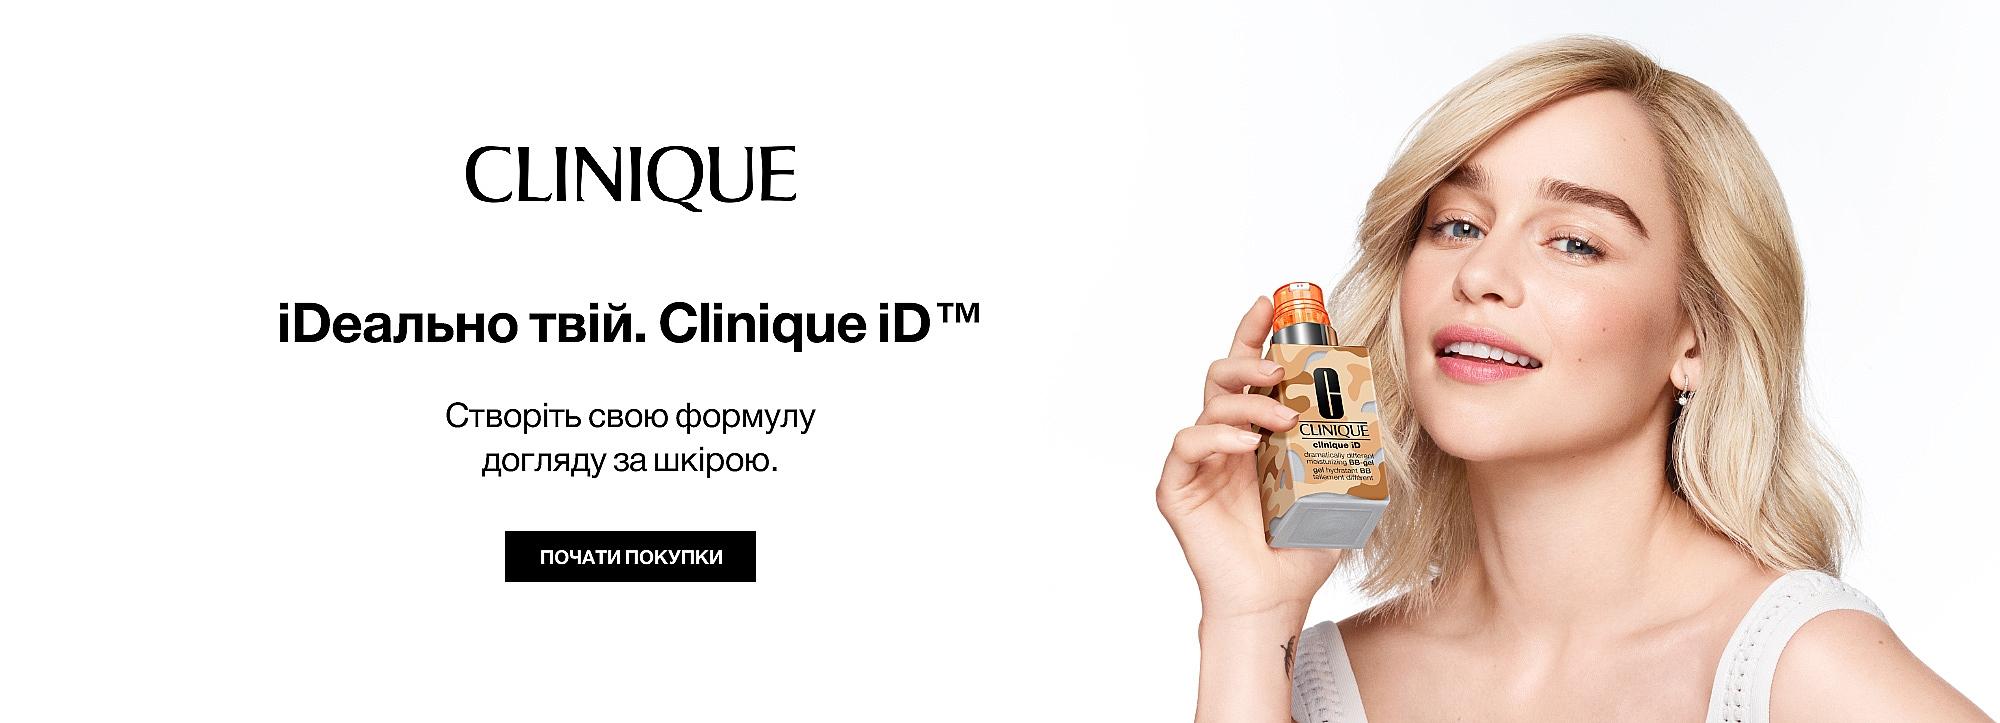 Clinique ID